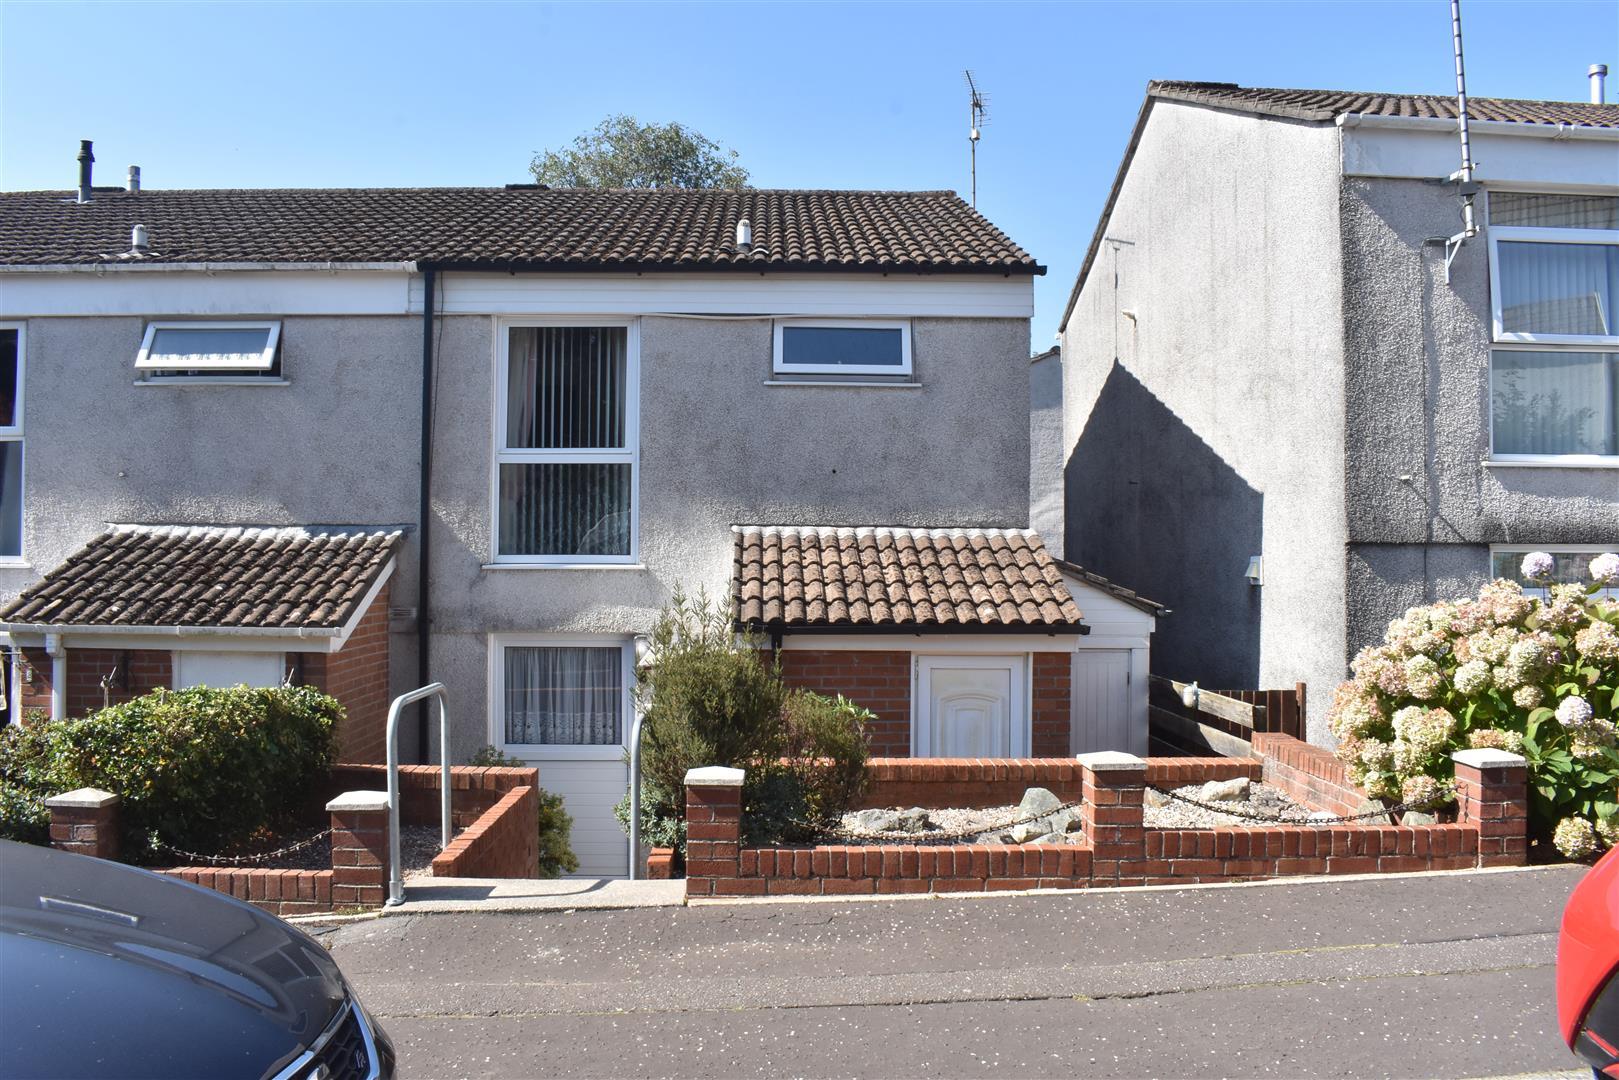 Oaktree Avenue, Sketty, Swansea, SA2 8LL